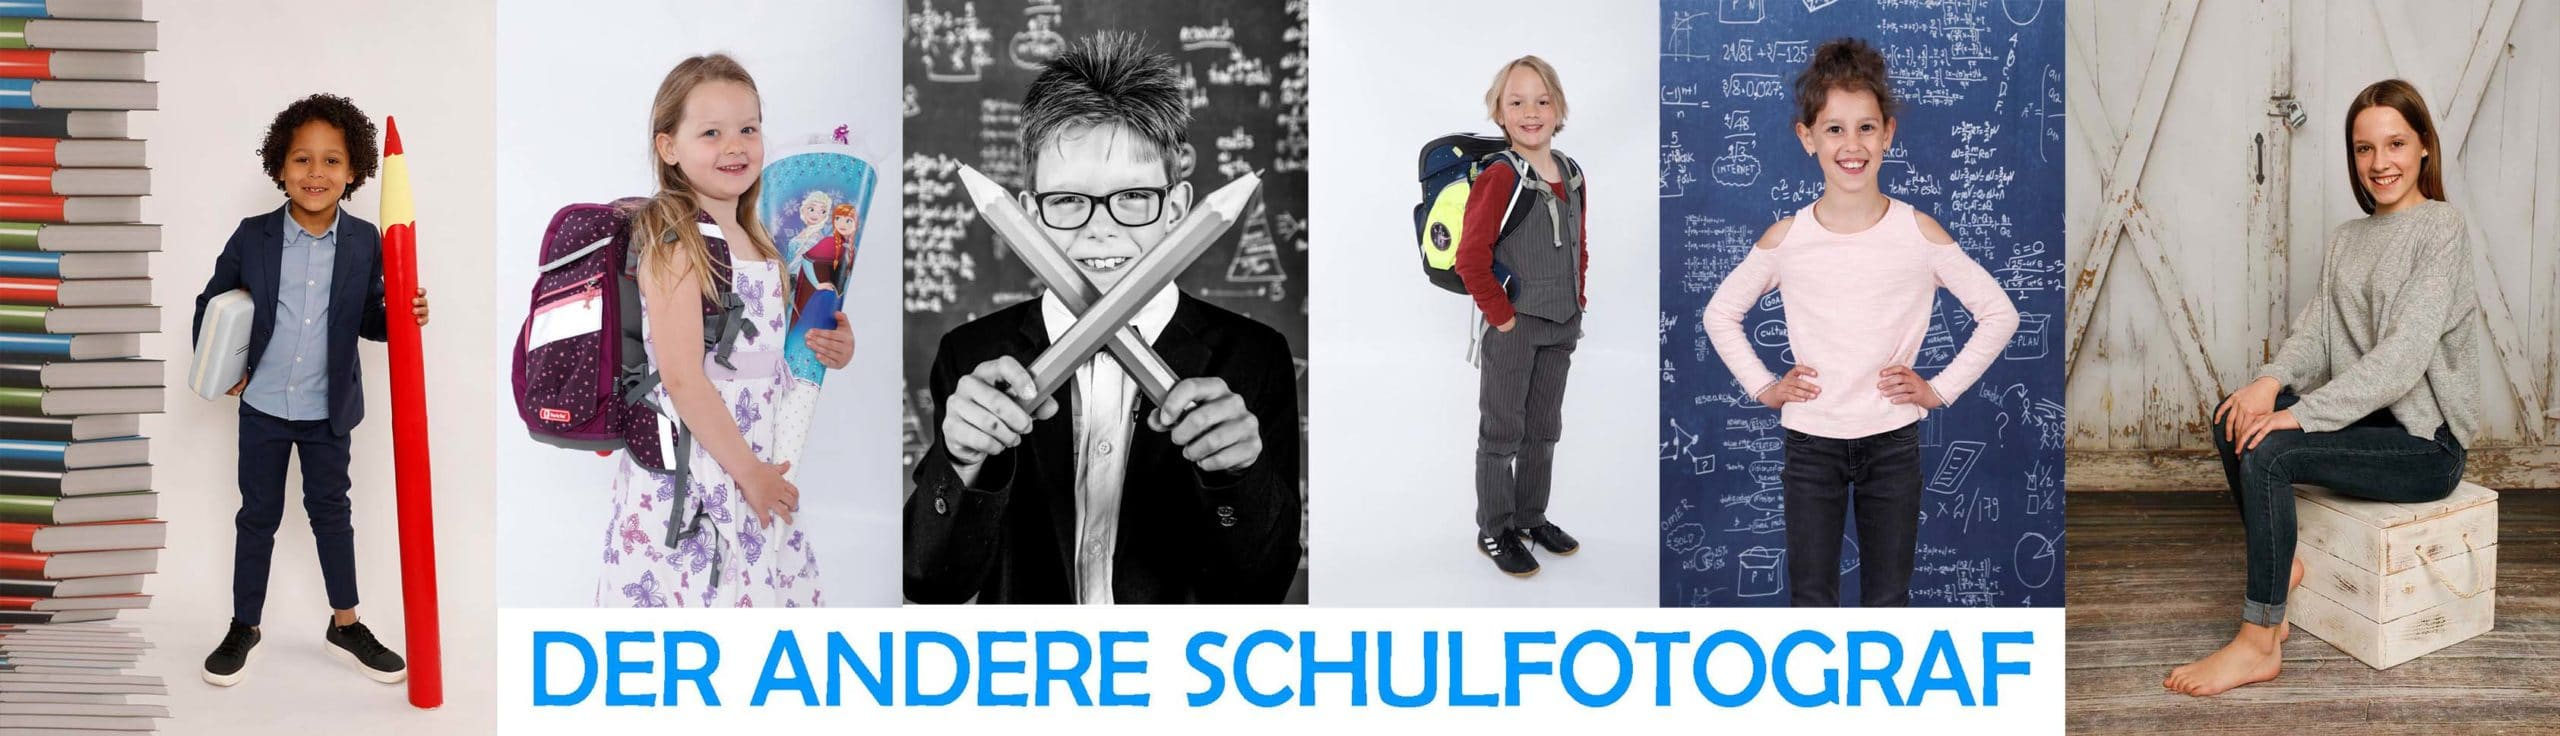 Der andere Schulfotograf. Moderne Schulfotos für Hamburg, Berlin, hannover, Kiel, Bremen, Lübeck, Pinneberg, Ratzeburg, Mölln und ganz Norddeutschland.